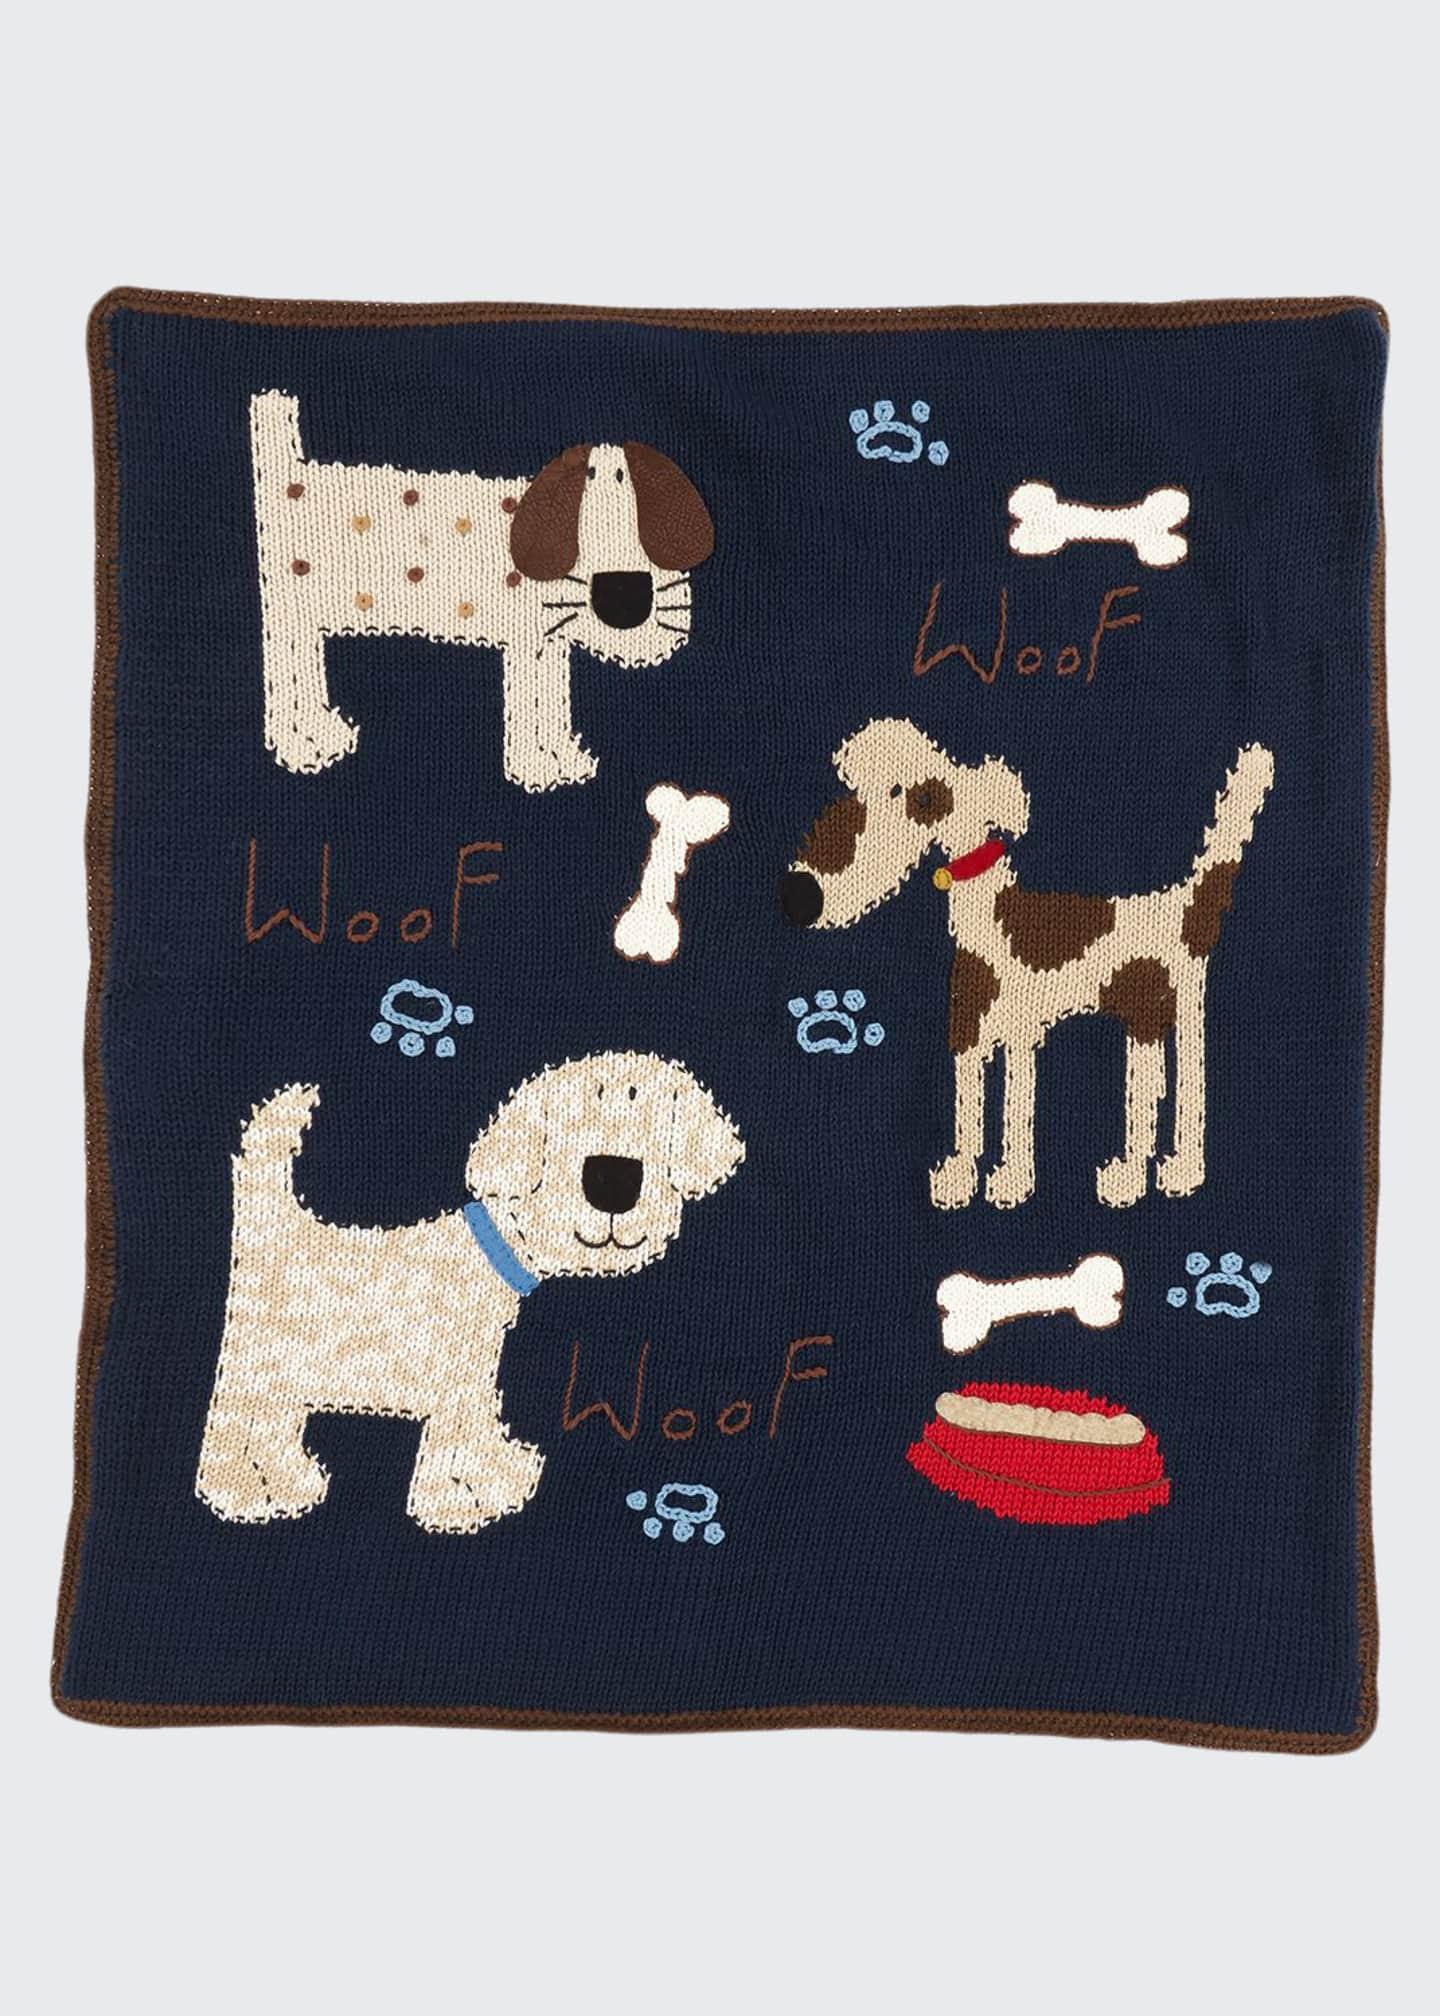 Art Walk Kid's Woof Woof Knit Blanket